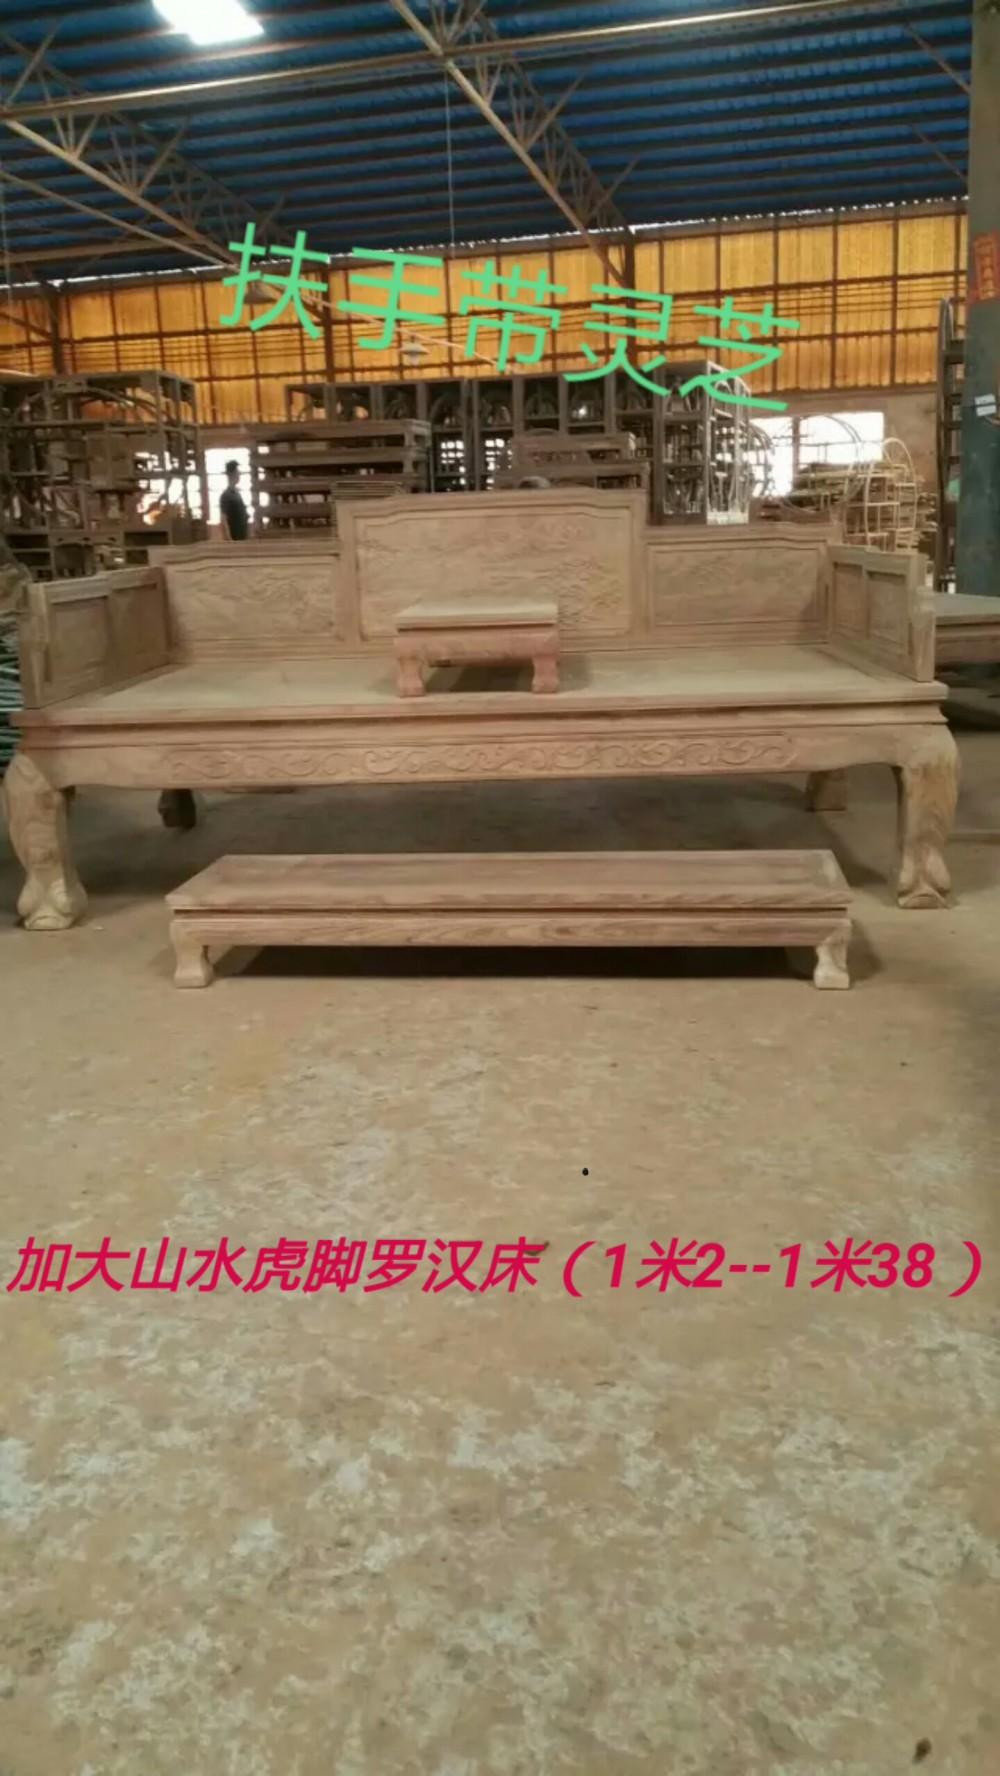 【思雅轩】非洲花梨1米2山水虎脚罗汉床